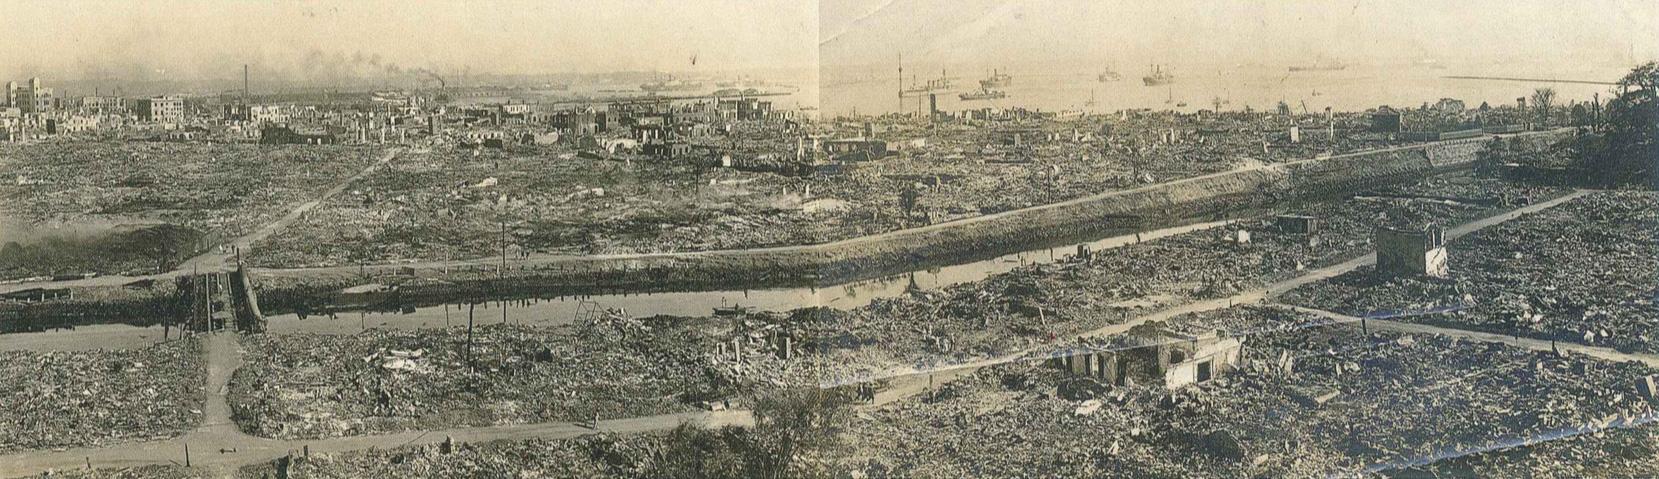 山手から見た山下町の被災状況(横浜開港資料館所蔵)